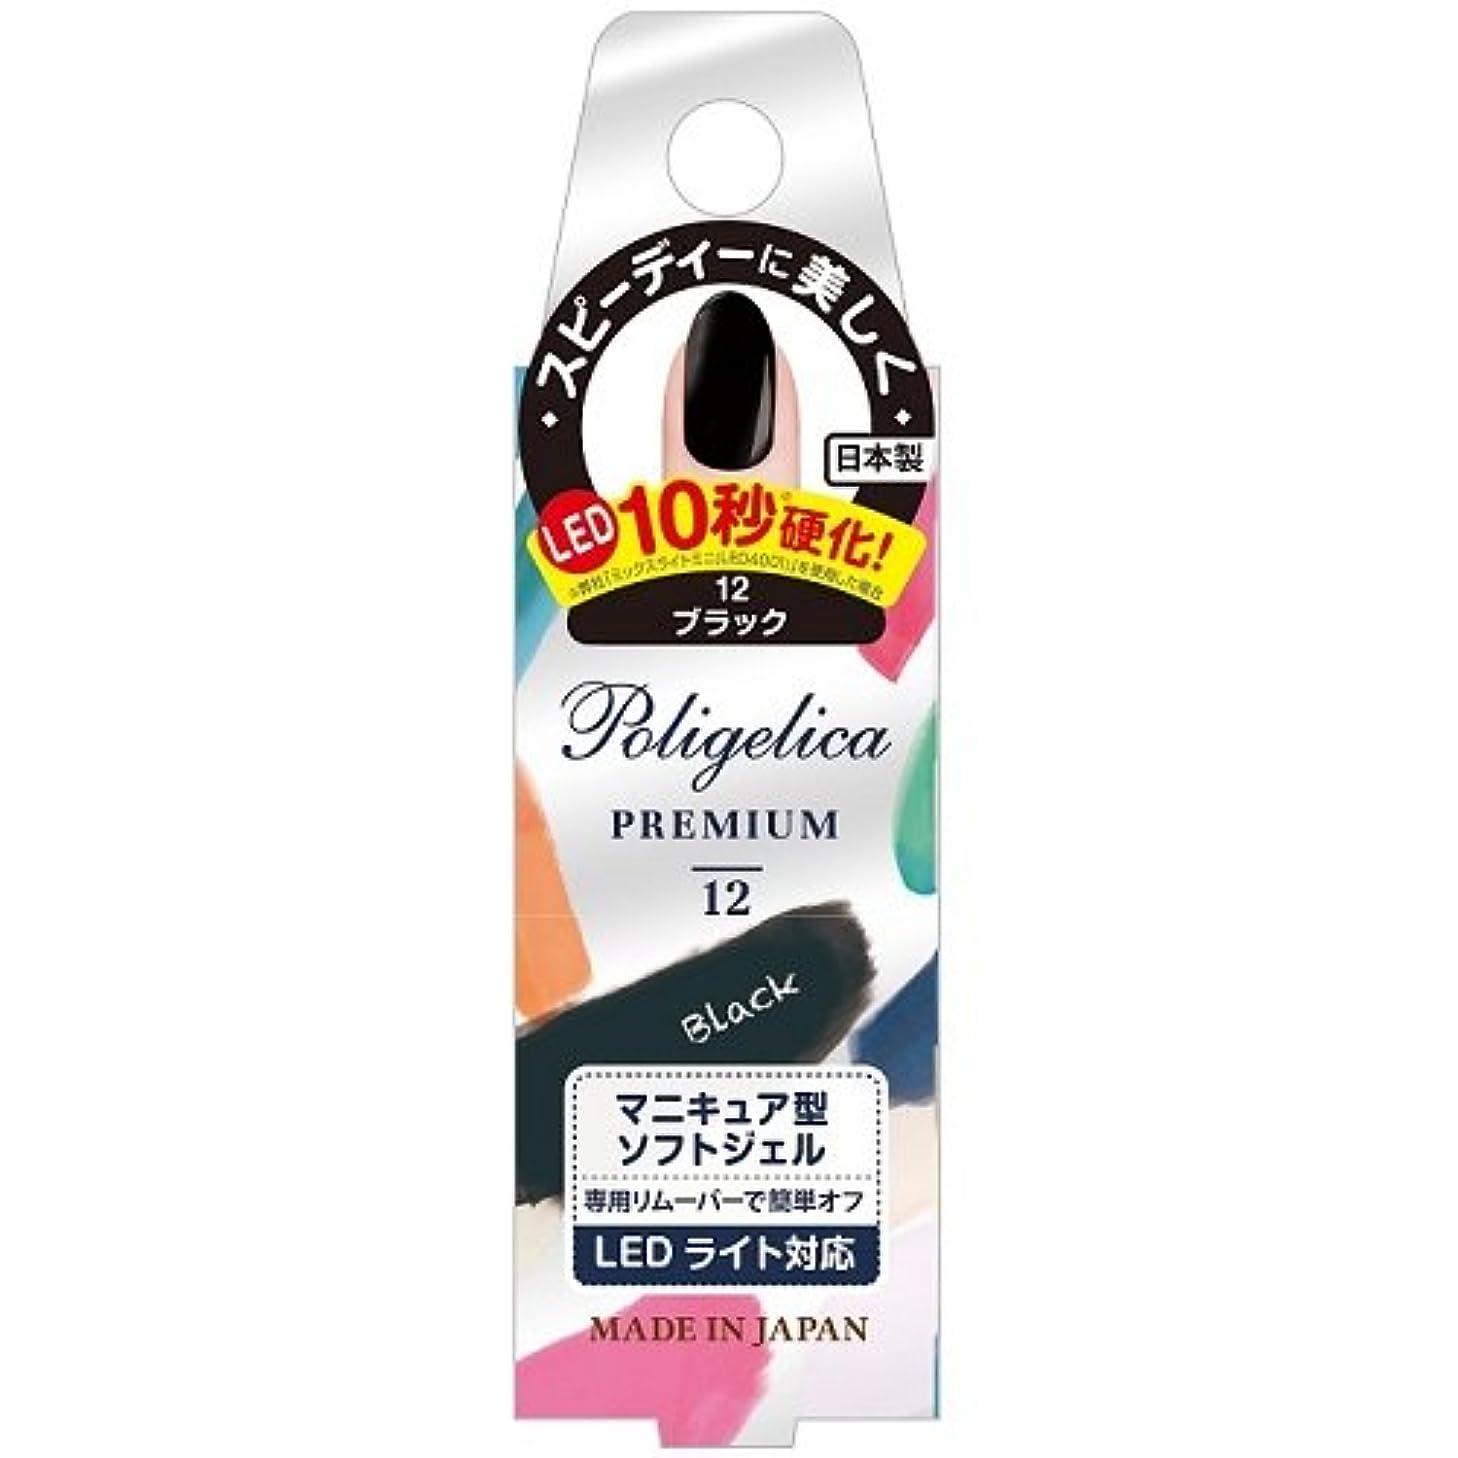 五月赤信頼性BW ポリジェリカプレミアム カラージェル 1012/ブラック (6g)